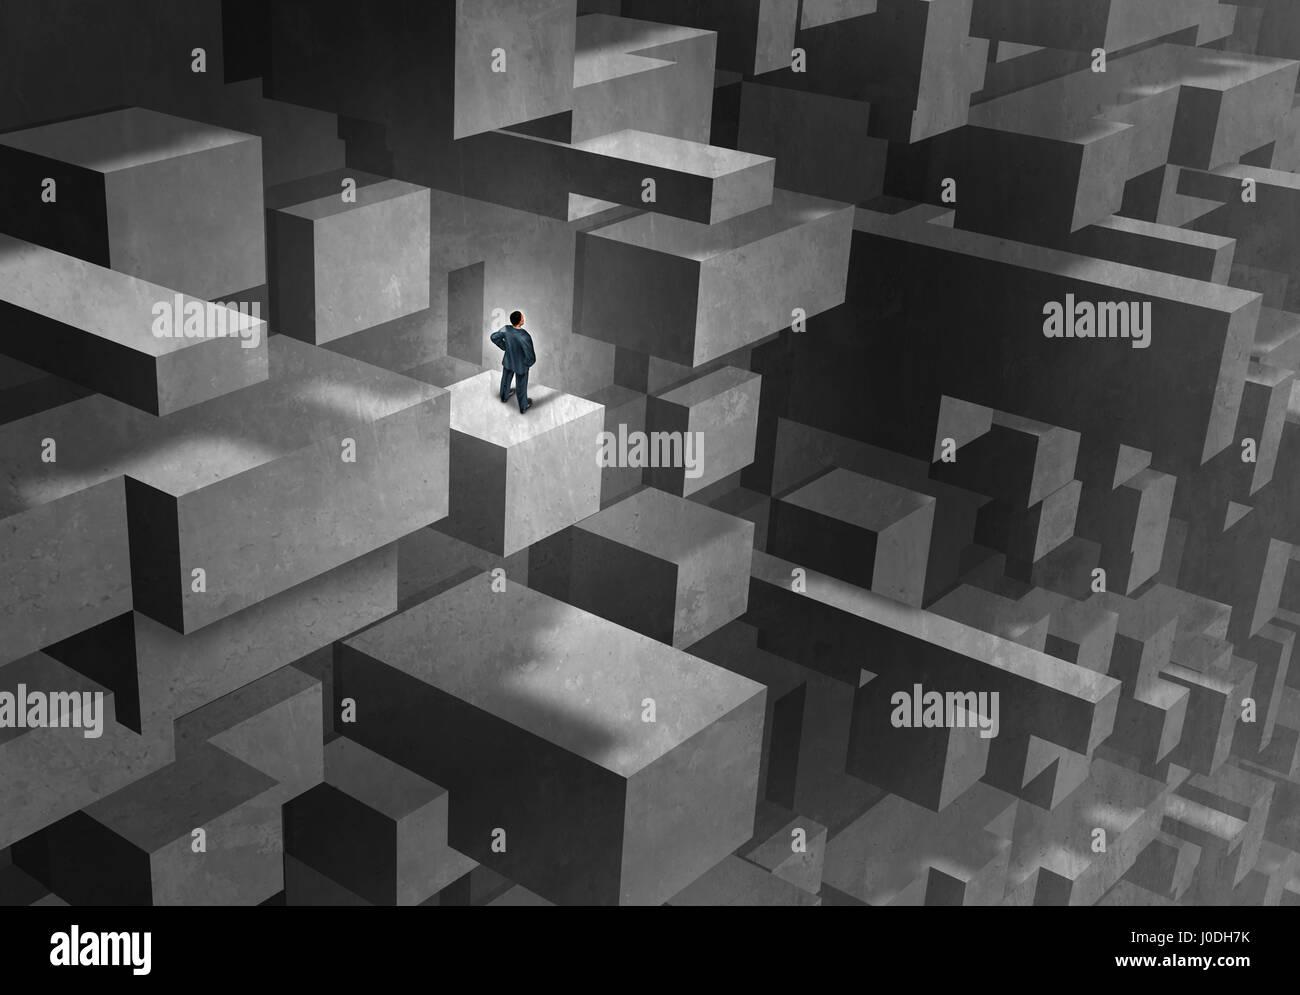 Reto empresarial concepto como perdido y empresario varado en un complicado laberinto abstracto como una metáfora Imagen De Stock